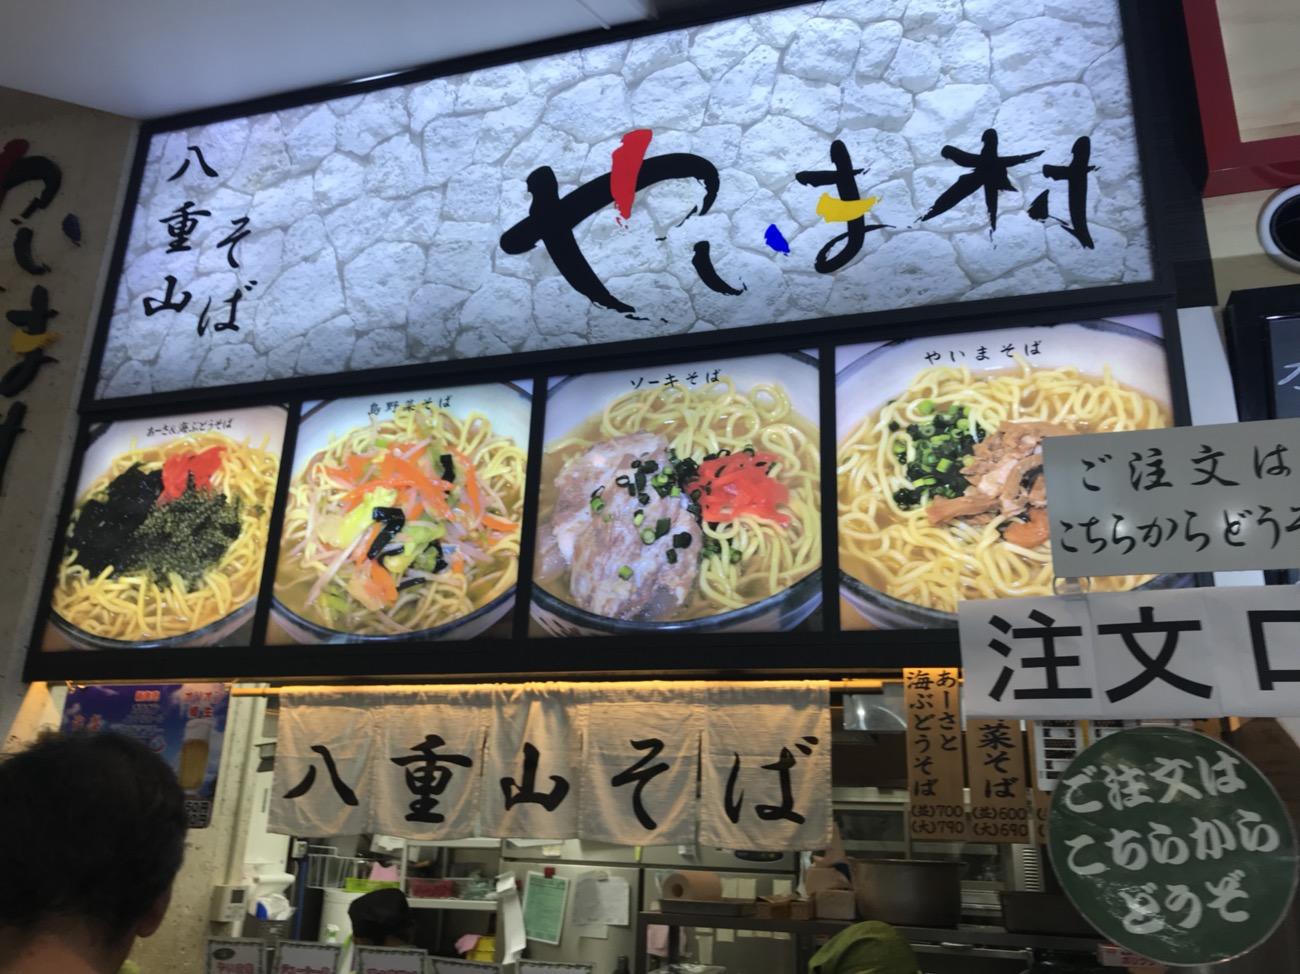 石垣島空港レストラン やいま村で八重山そば